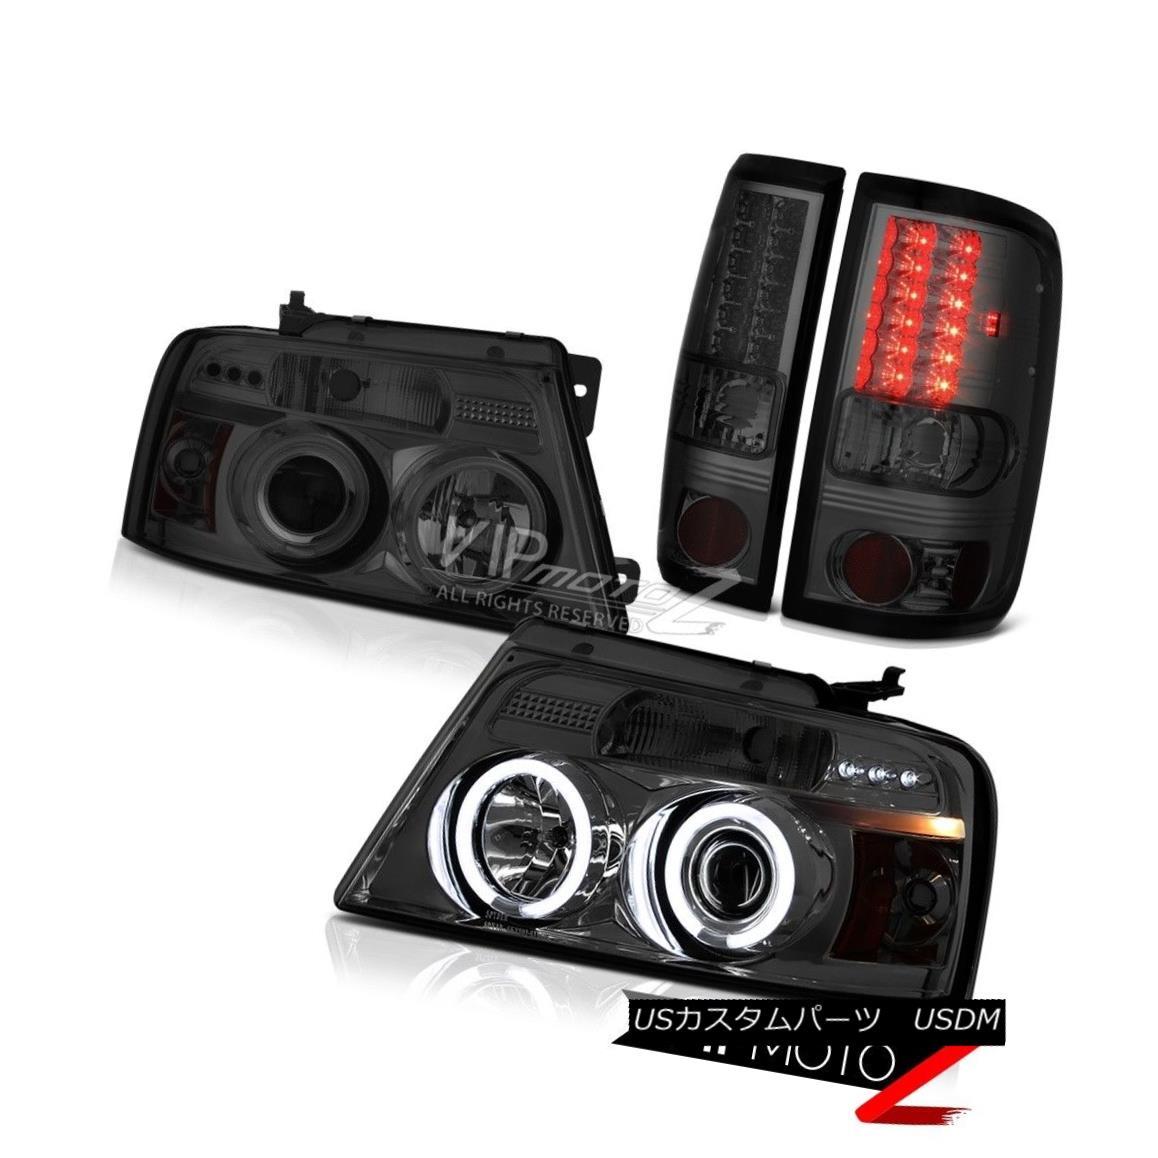 ヘッドライト 2004-2008 Ford F150 Truck Smoke L.E.D Rear Tail Lights CCFL Halo Rim Headlights 2004-2008フォードF150トラックスモークL.E.DリアテールライトCCFL Halo Rimヘッドライト